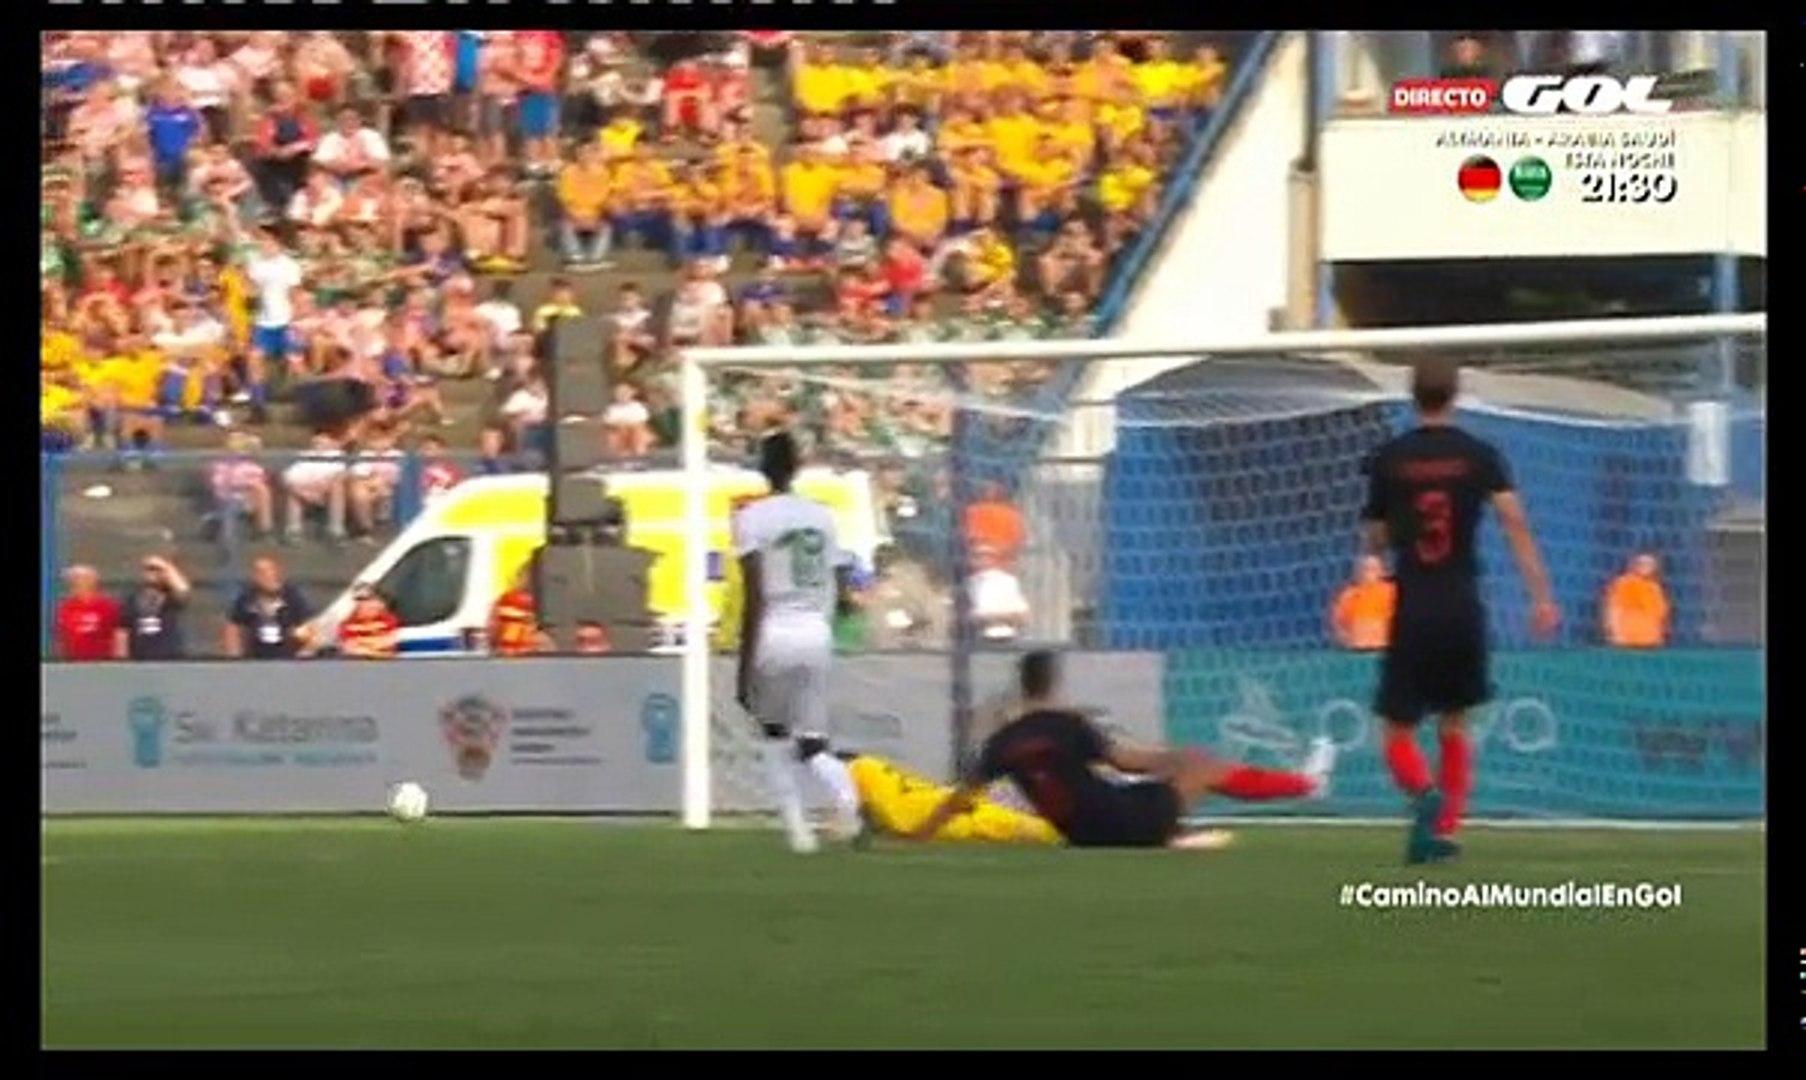 Croatia vs Senegal 2-1 HIGHLIGHTS  HIGHLIGHTS & GOALS 08.06.2018